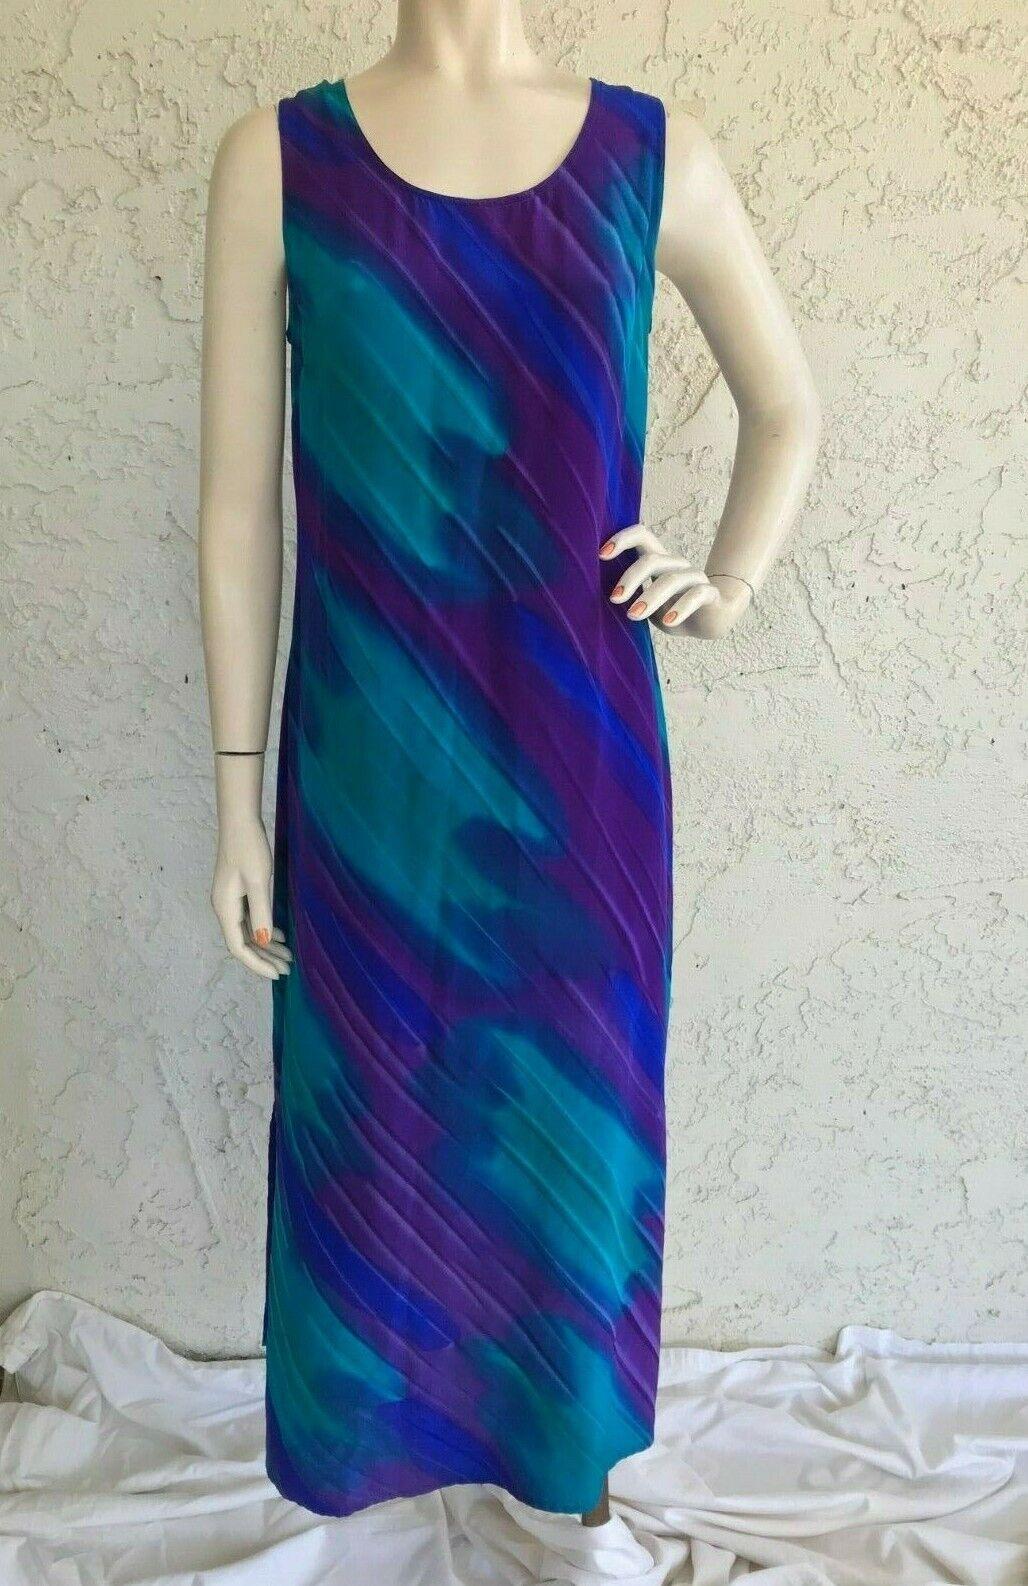 SIMPLY SILK Dress Purple blueee Watercolor Maxi Tunic Art to Wear Sz S